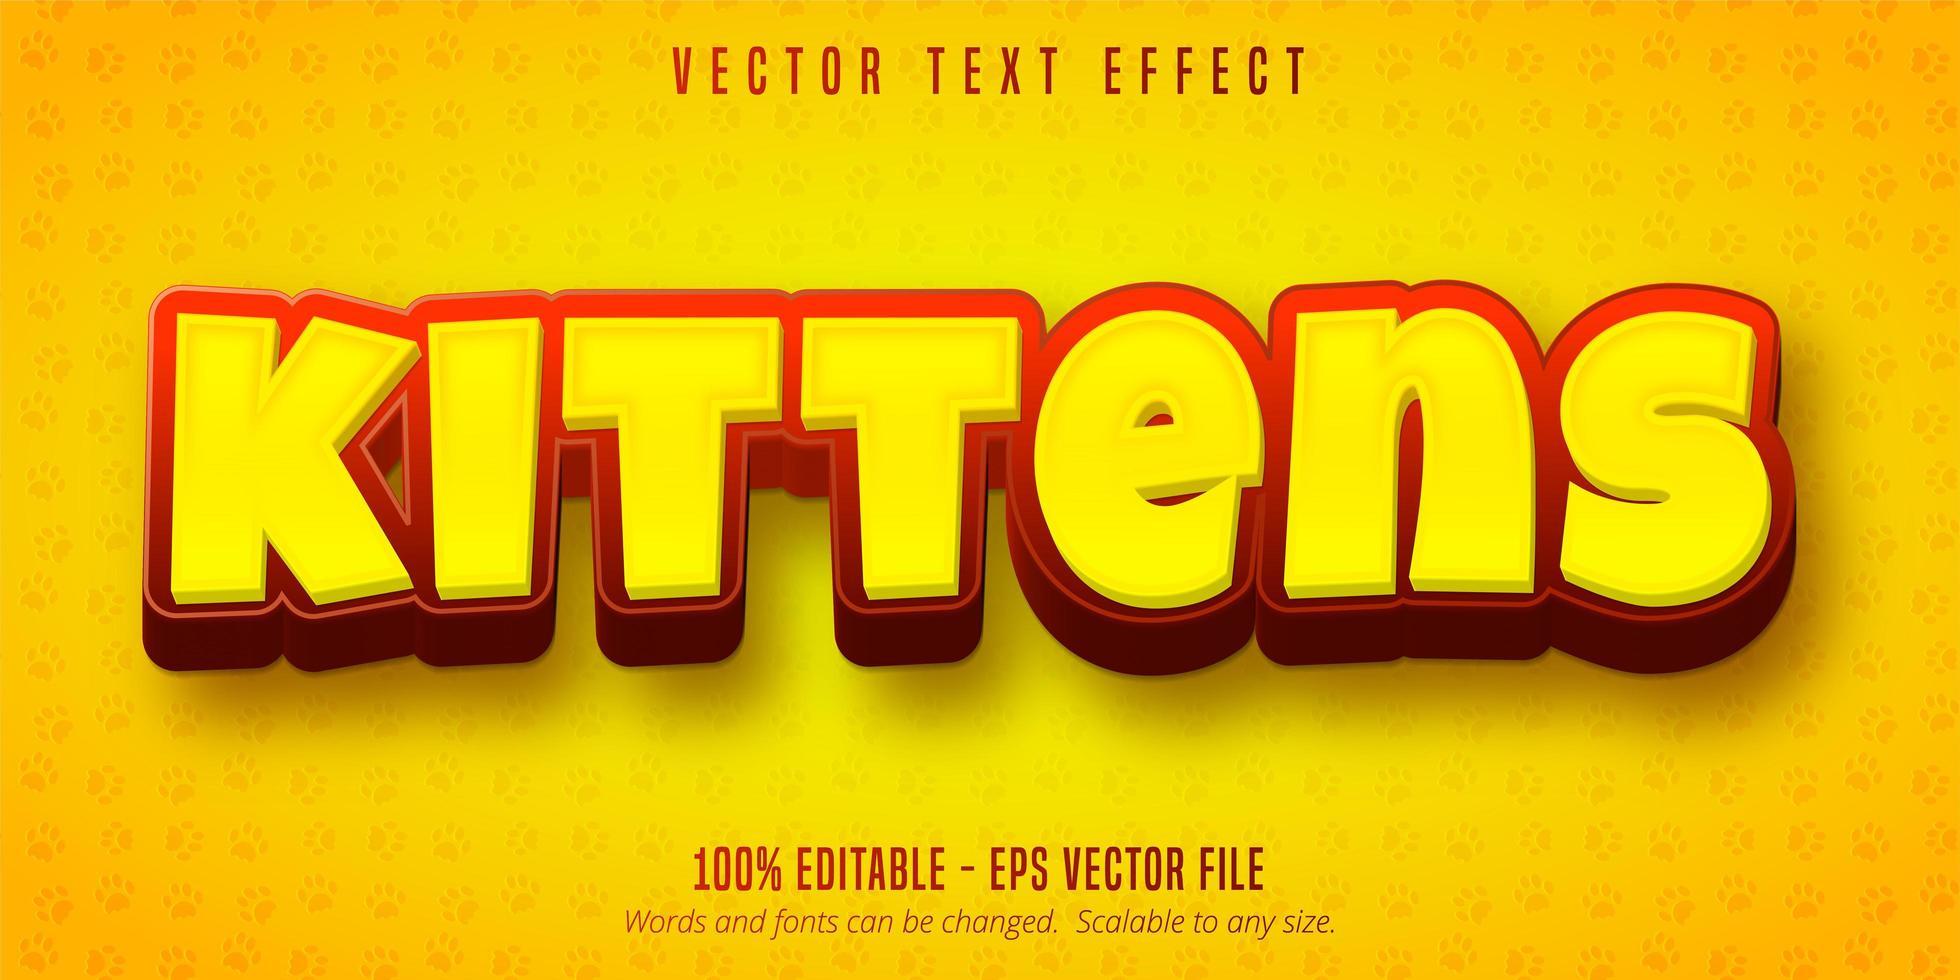 gelber und roter Kätzchentext vektor